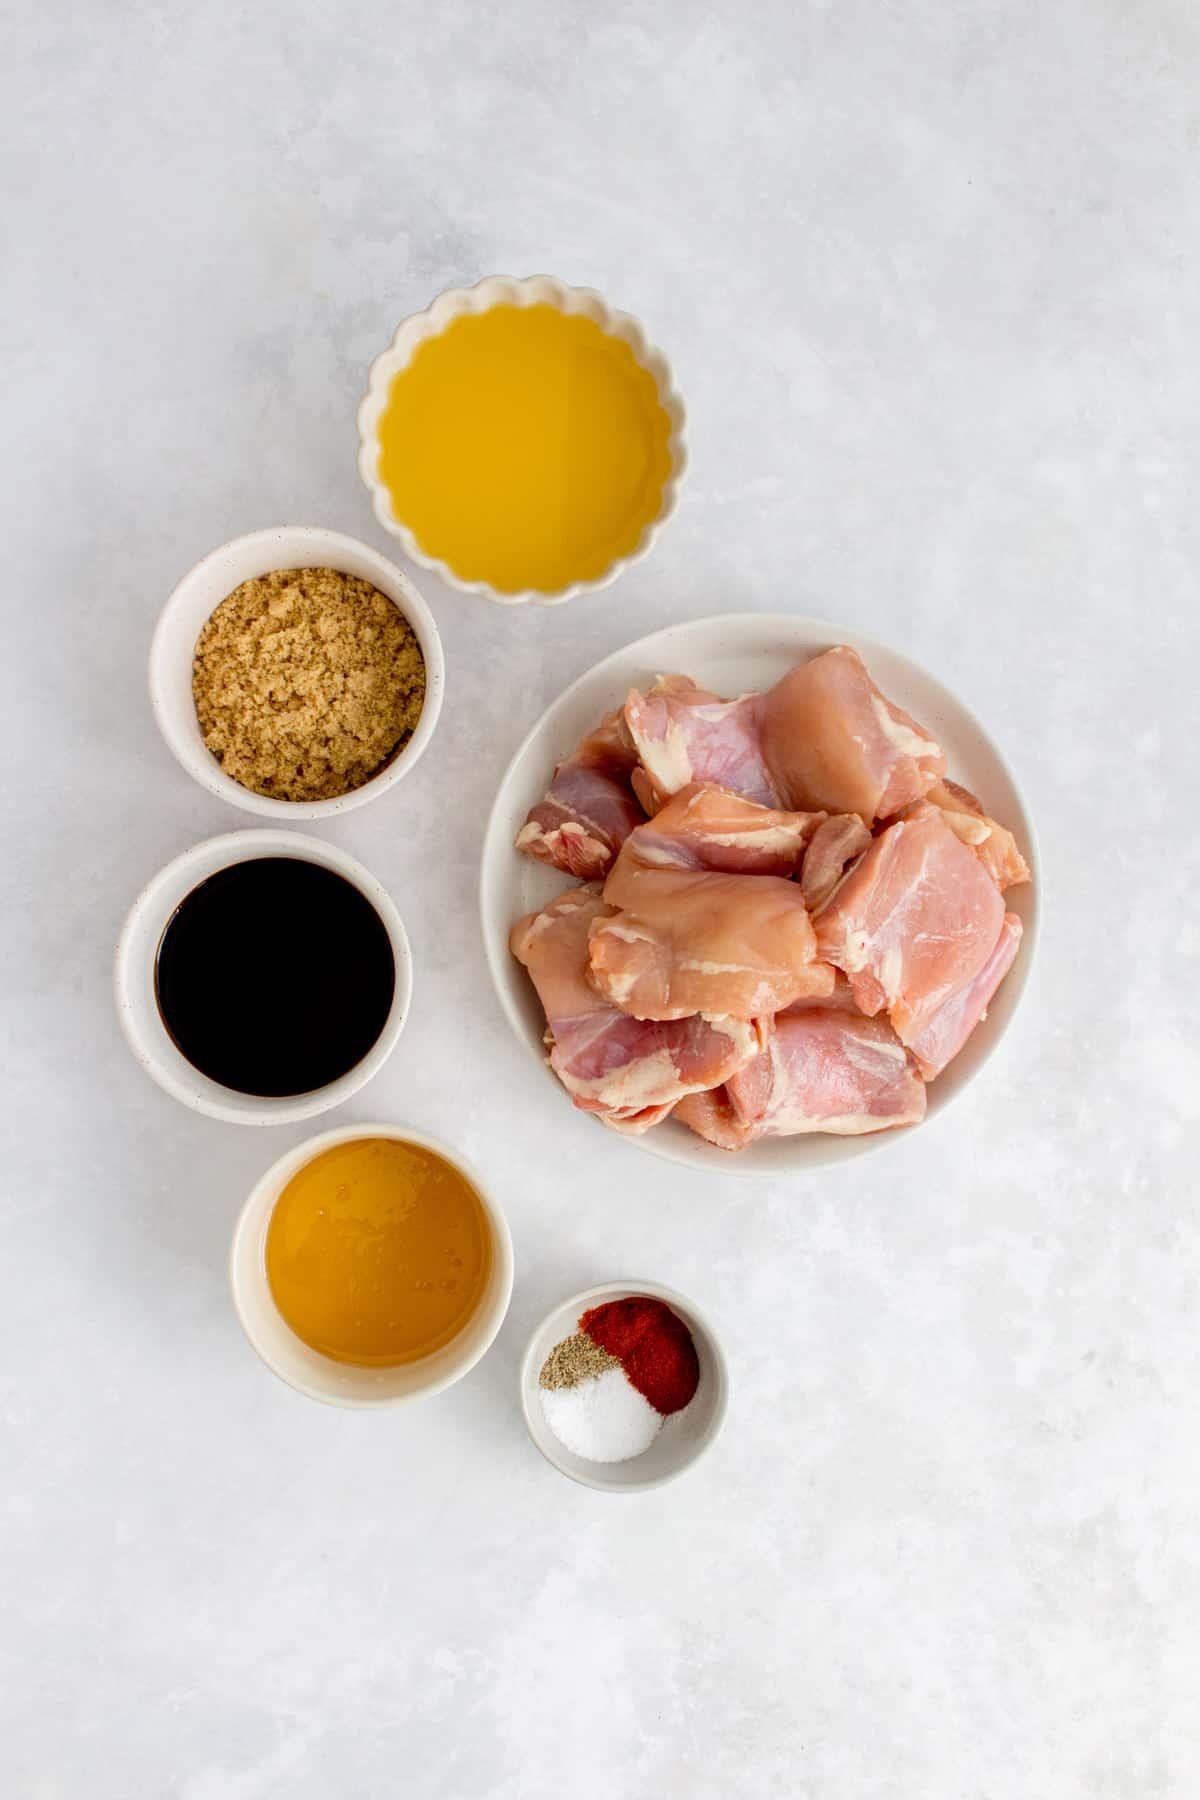 Ingredients for orange glazed chicken thighs.